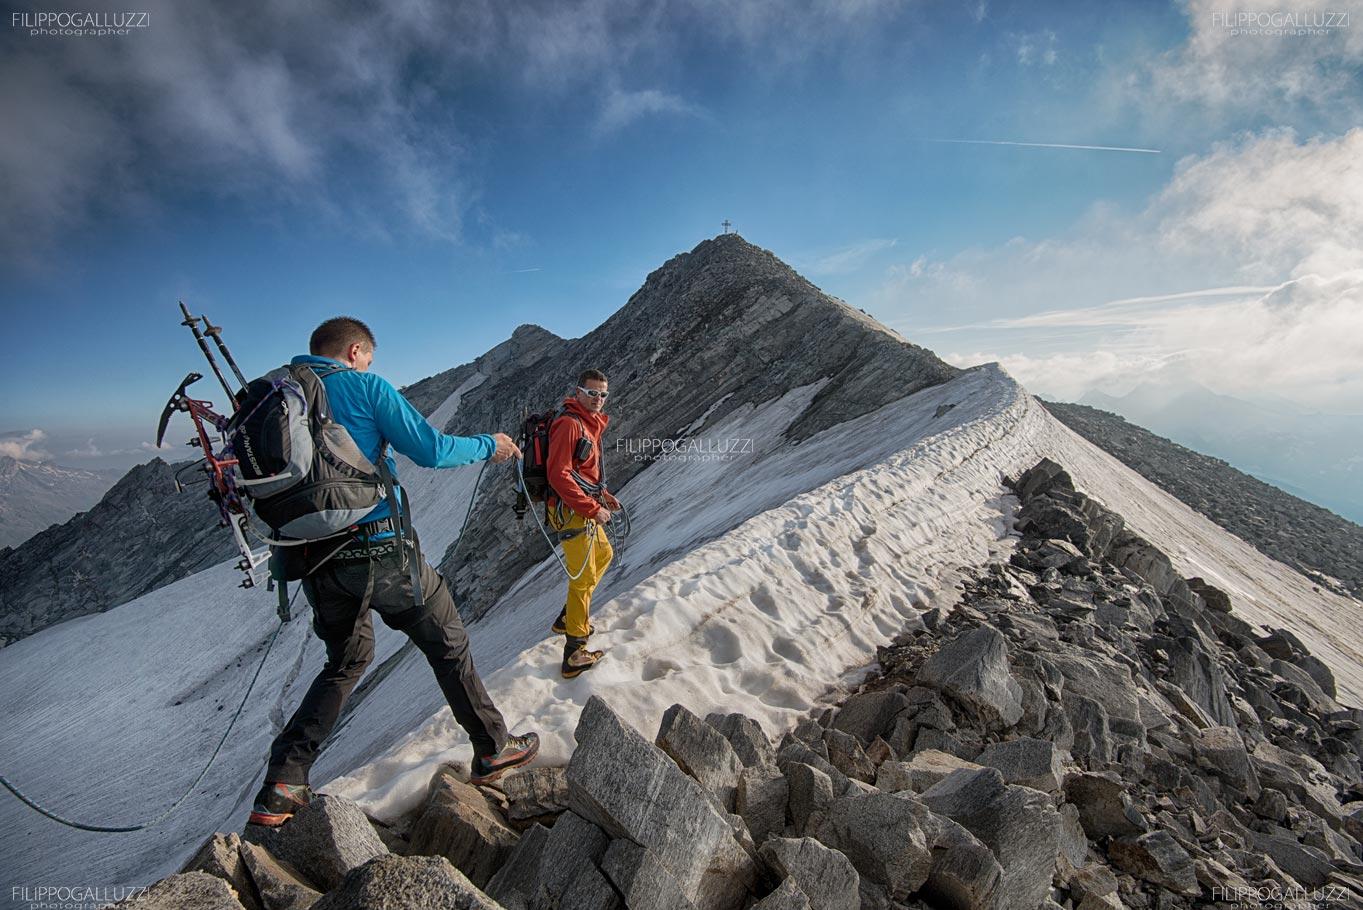 Lappago, salita sui ghiacciai della valle Aurina, Sudtirol